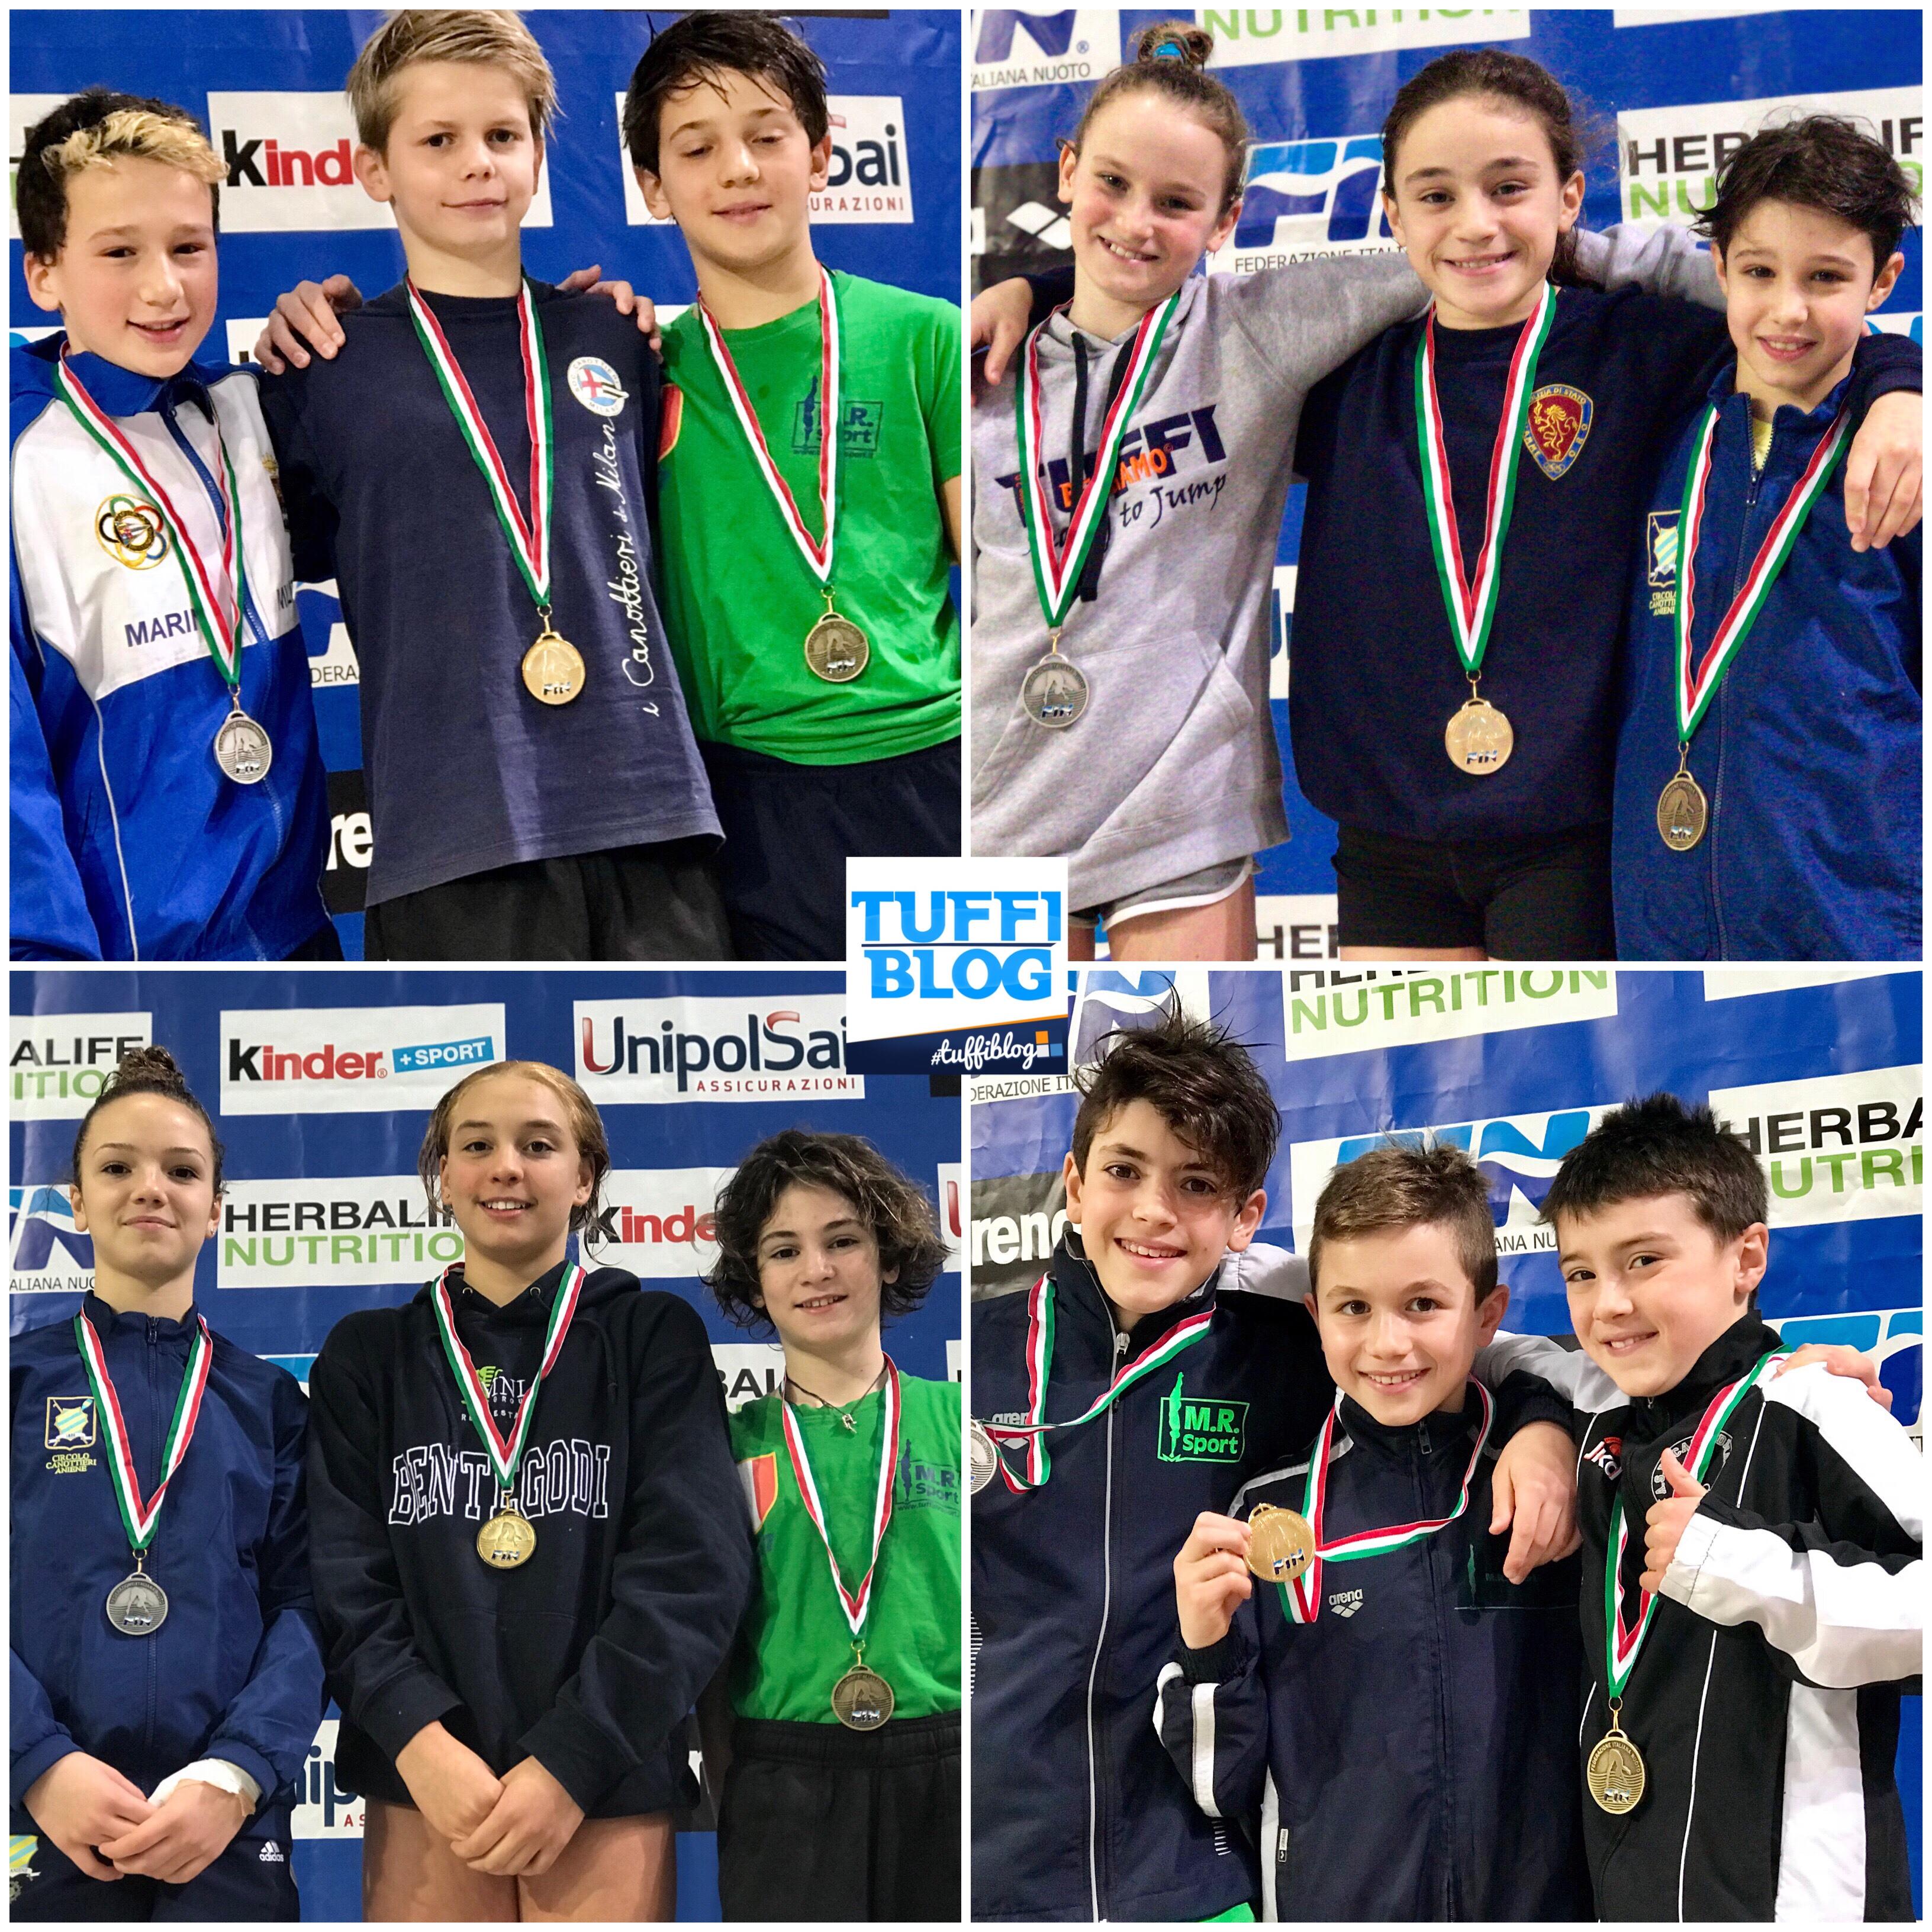 Prima Prova Trofeo Giovanissimi: Trieste - La giornata conclusiva!